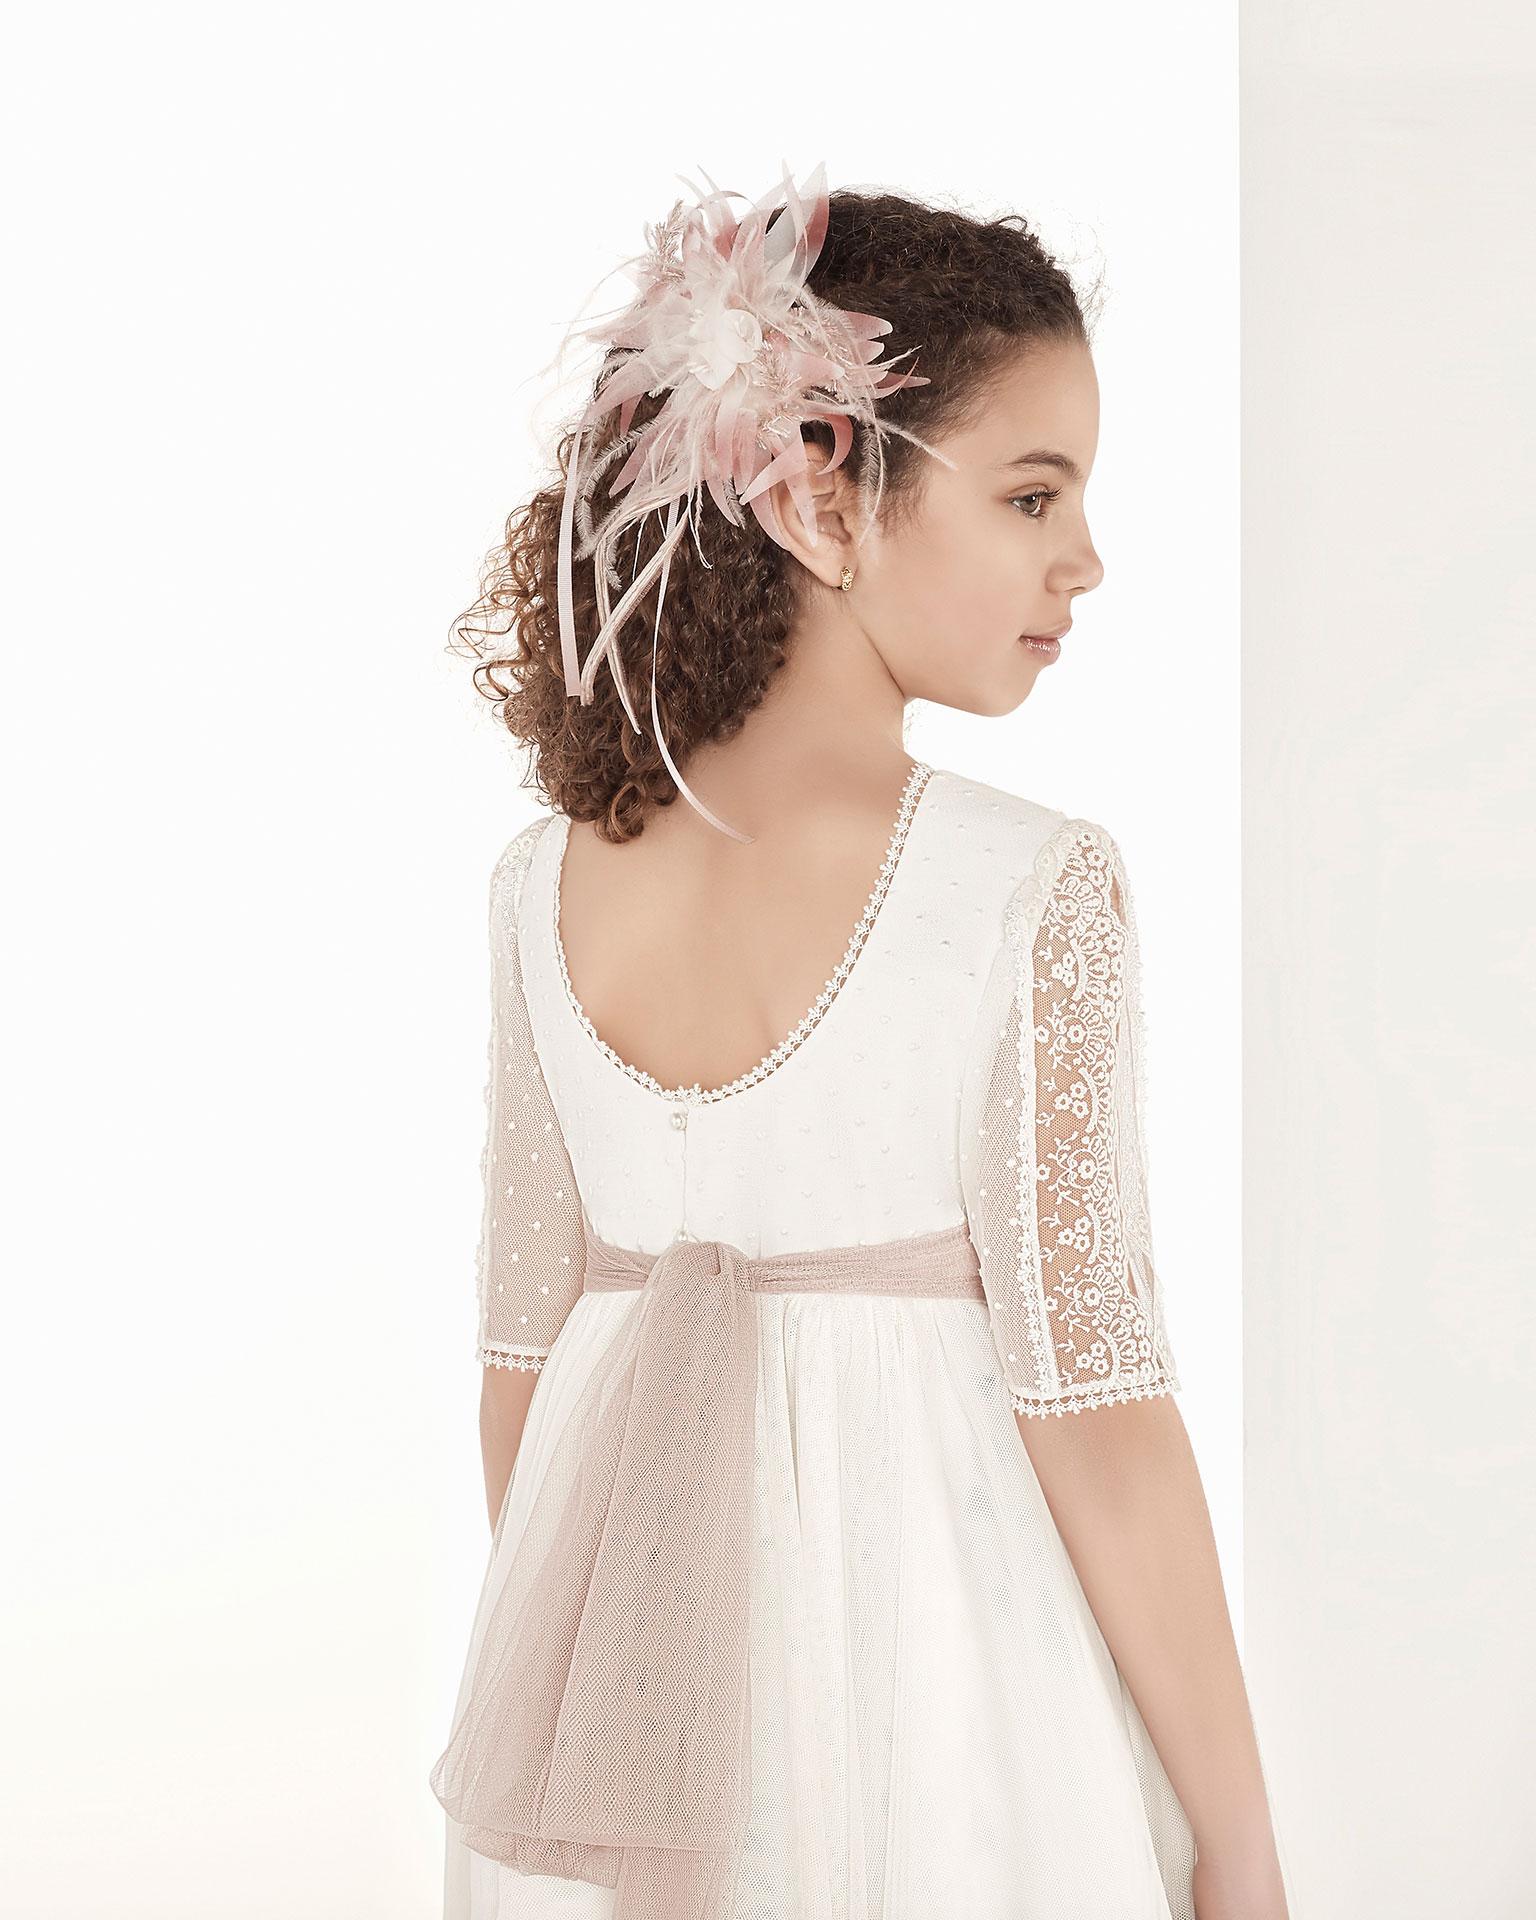 Rochie de comuniune în stil fantezie din tul. Cu talie înaltă. Disponibilă în culoarea ecru. Colecția AIRE COMUNION 2019.